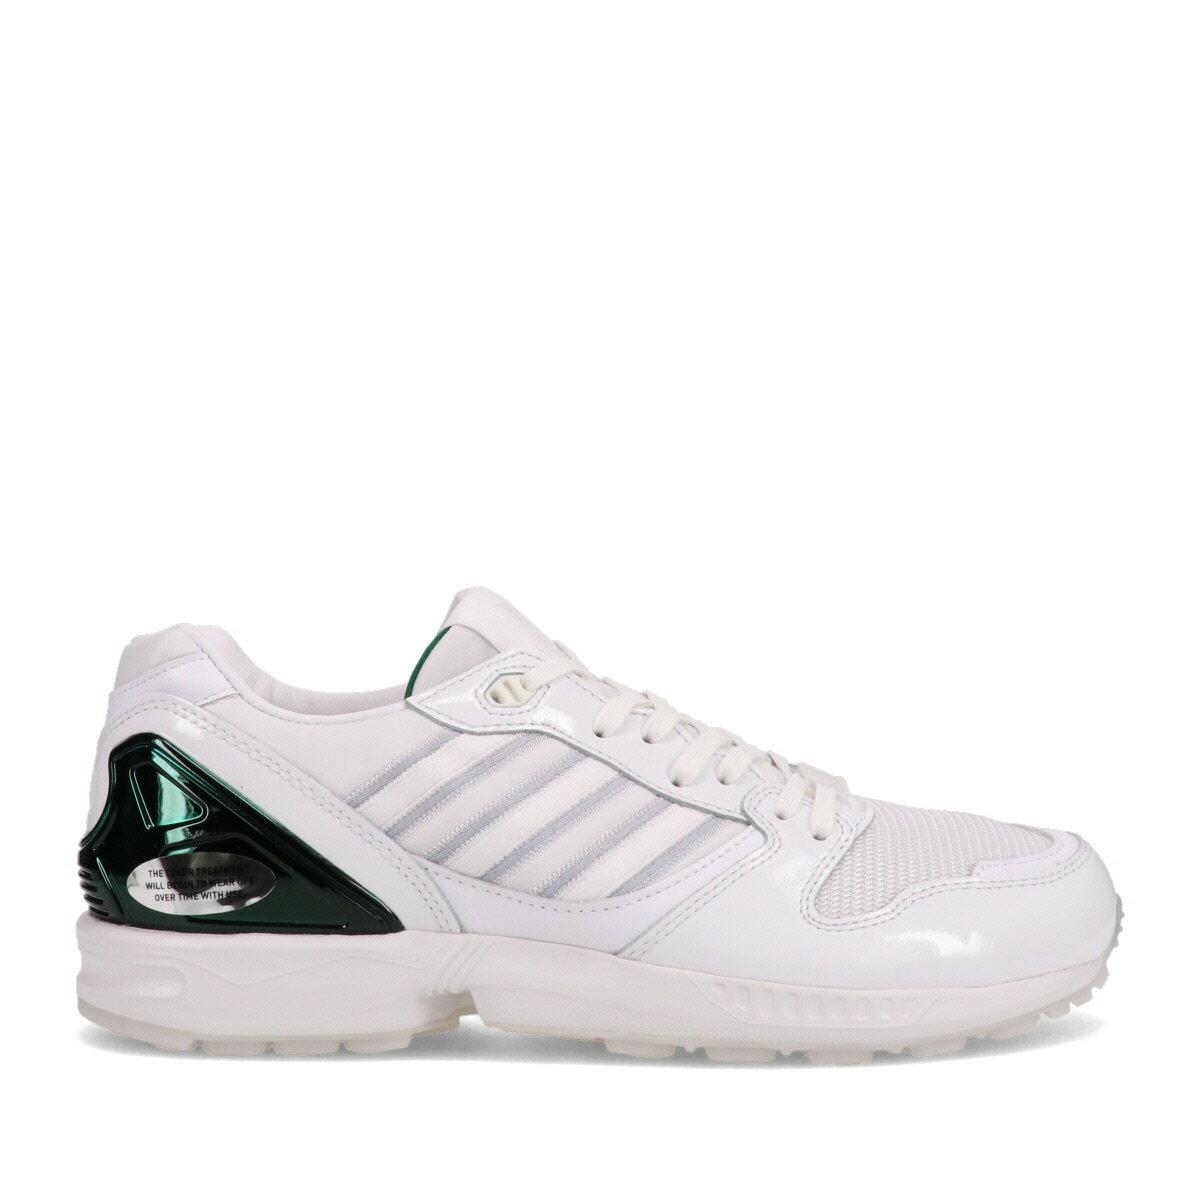 メンズ靴, スニーカー adidas ZX 5000 THE U(FOOTWEAR WHITECOLLEGE ORANGEDARK GREEN)( ZX 5000 THE U)20FW-S at20-c at20-c